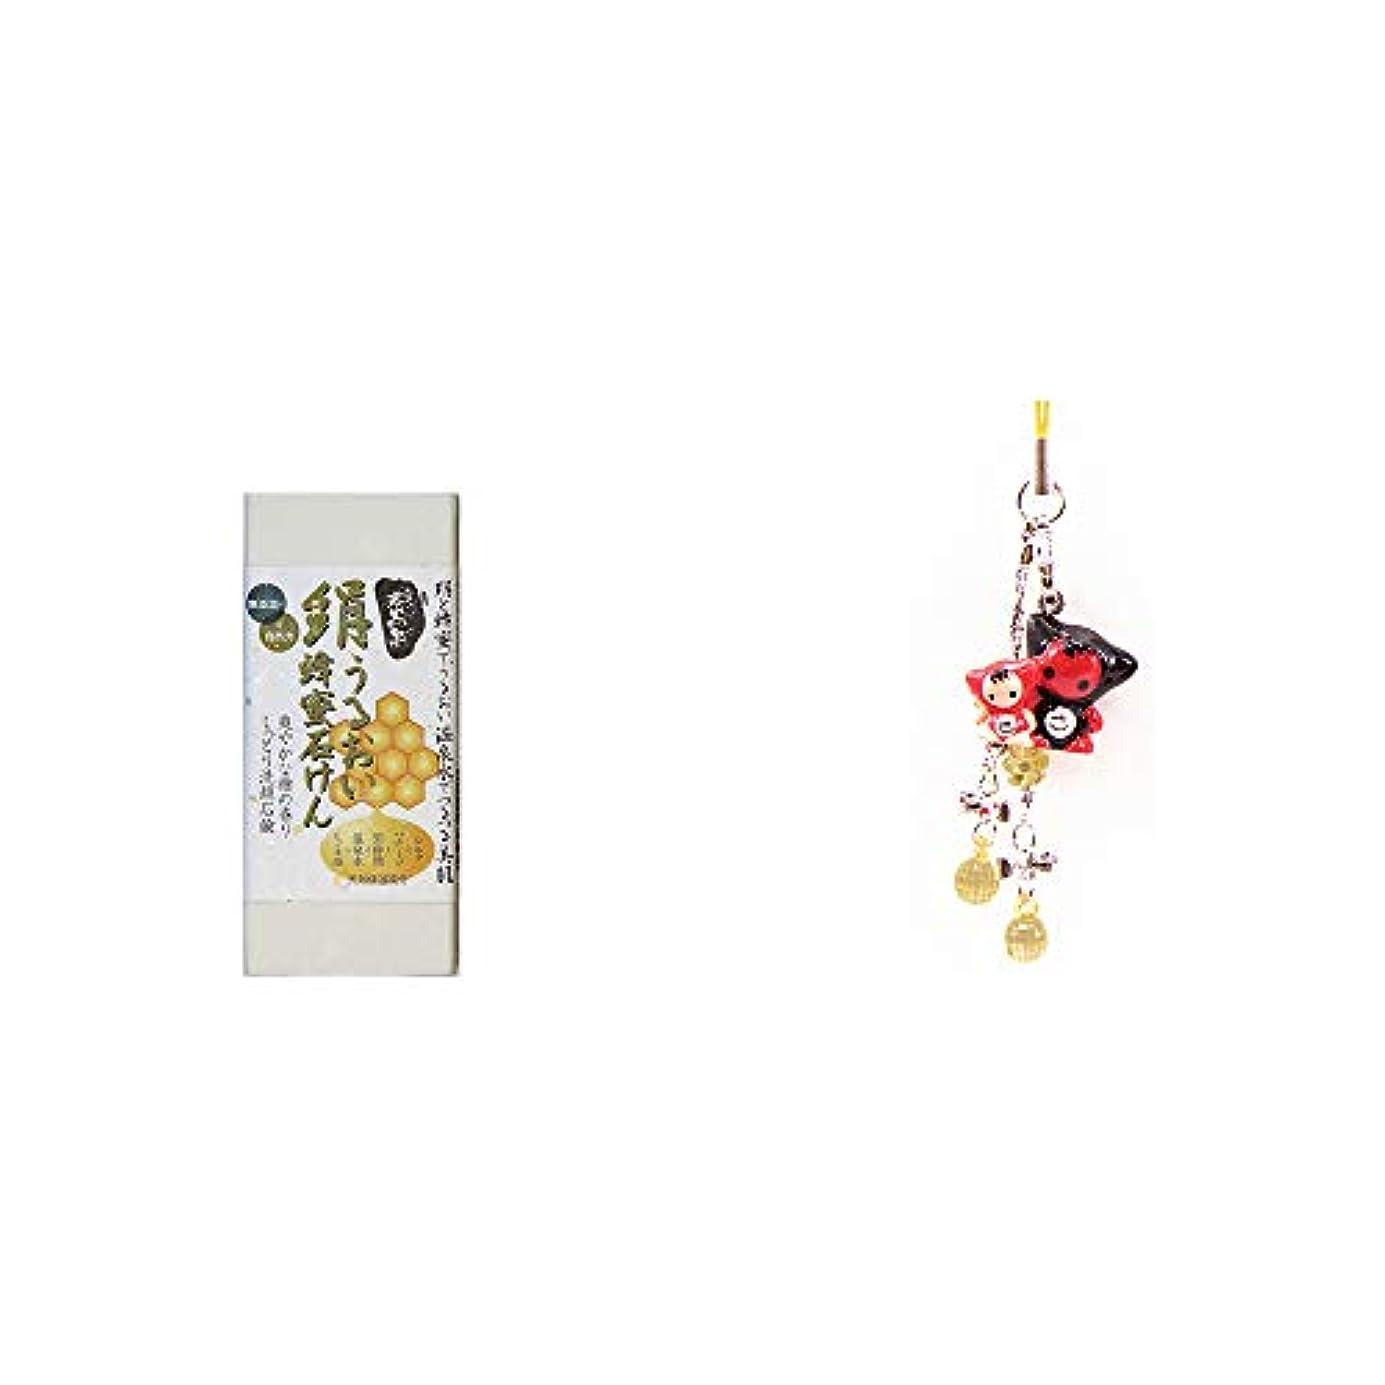 論理役員島[2点セット] ひのき炭黒泉 絹うるおい蜂蜜石けん(75g×2)?さるぼぼペアビーズストラップ 【黄】/縁結び?魔除け//